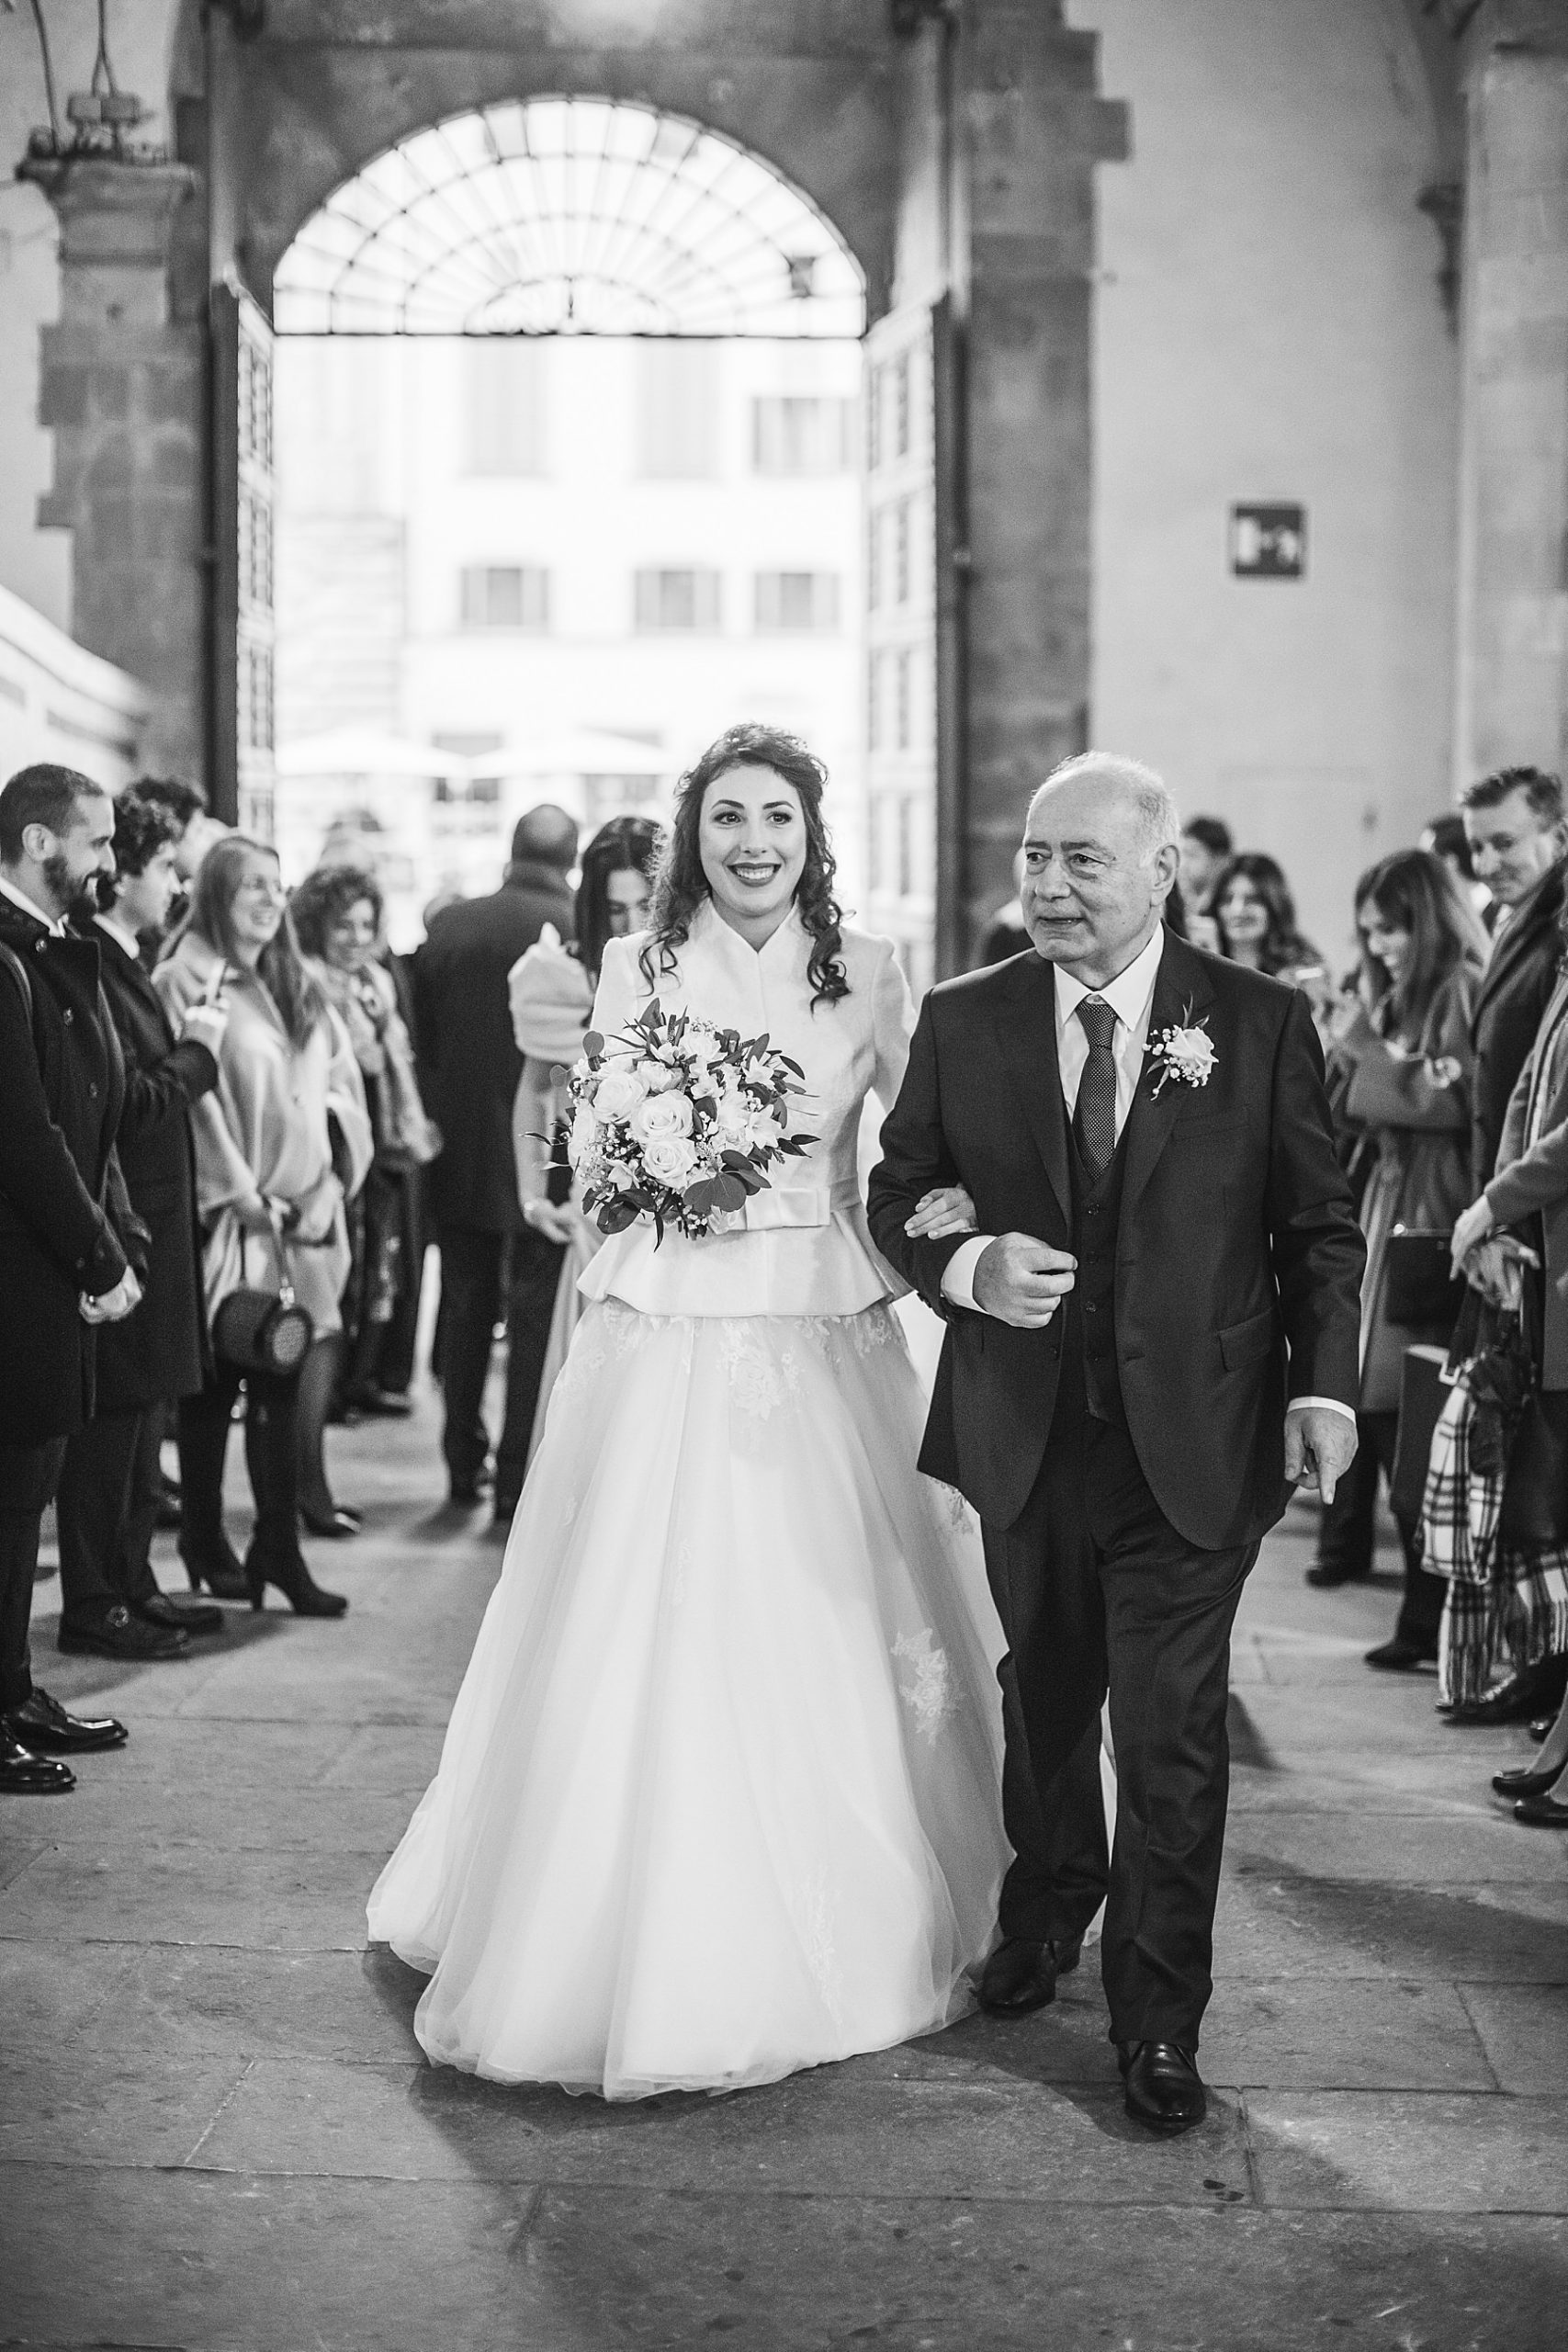 Matrimonio a Dicembre Palazzo Vecchio Firenze